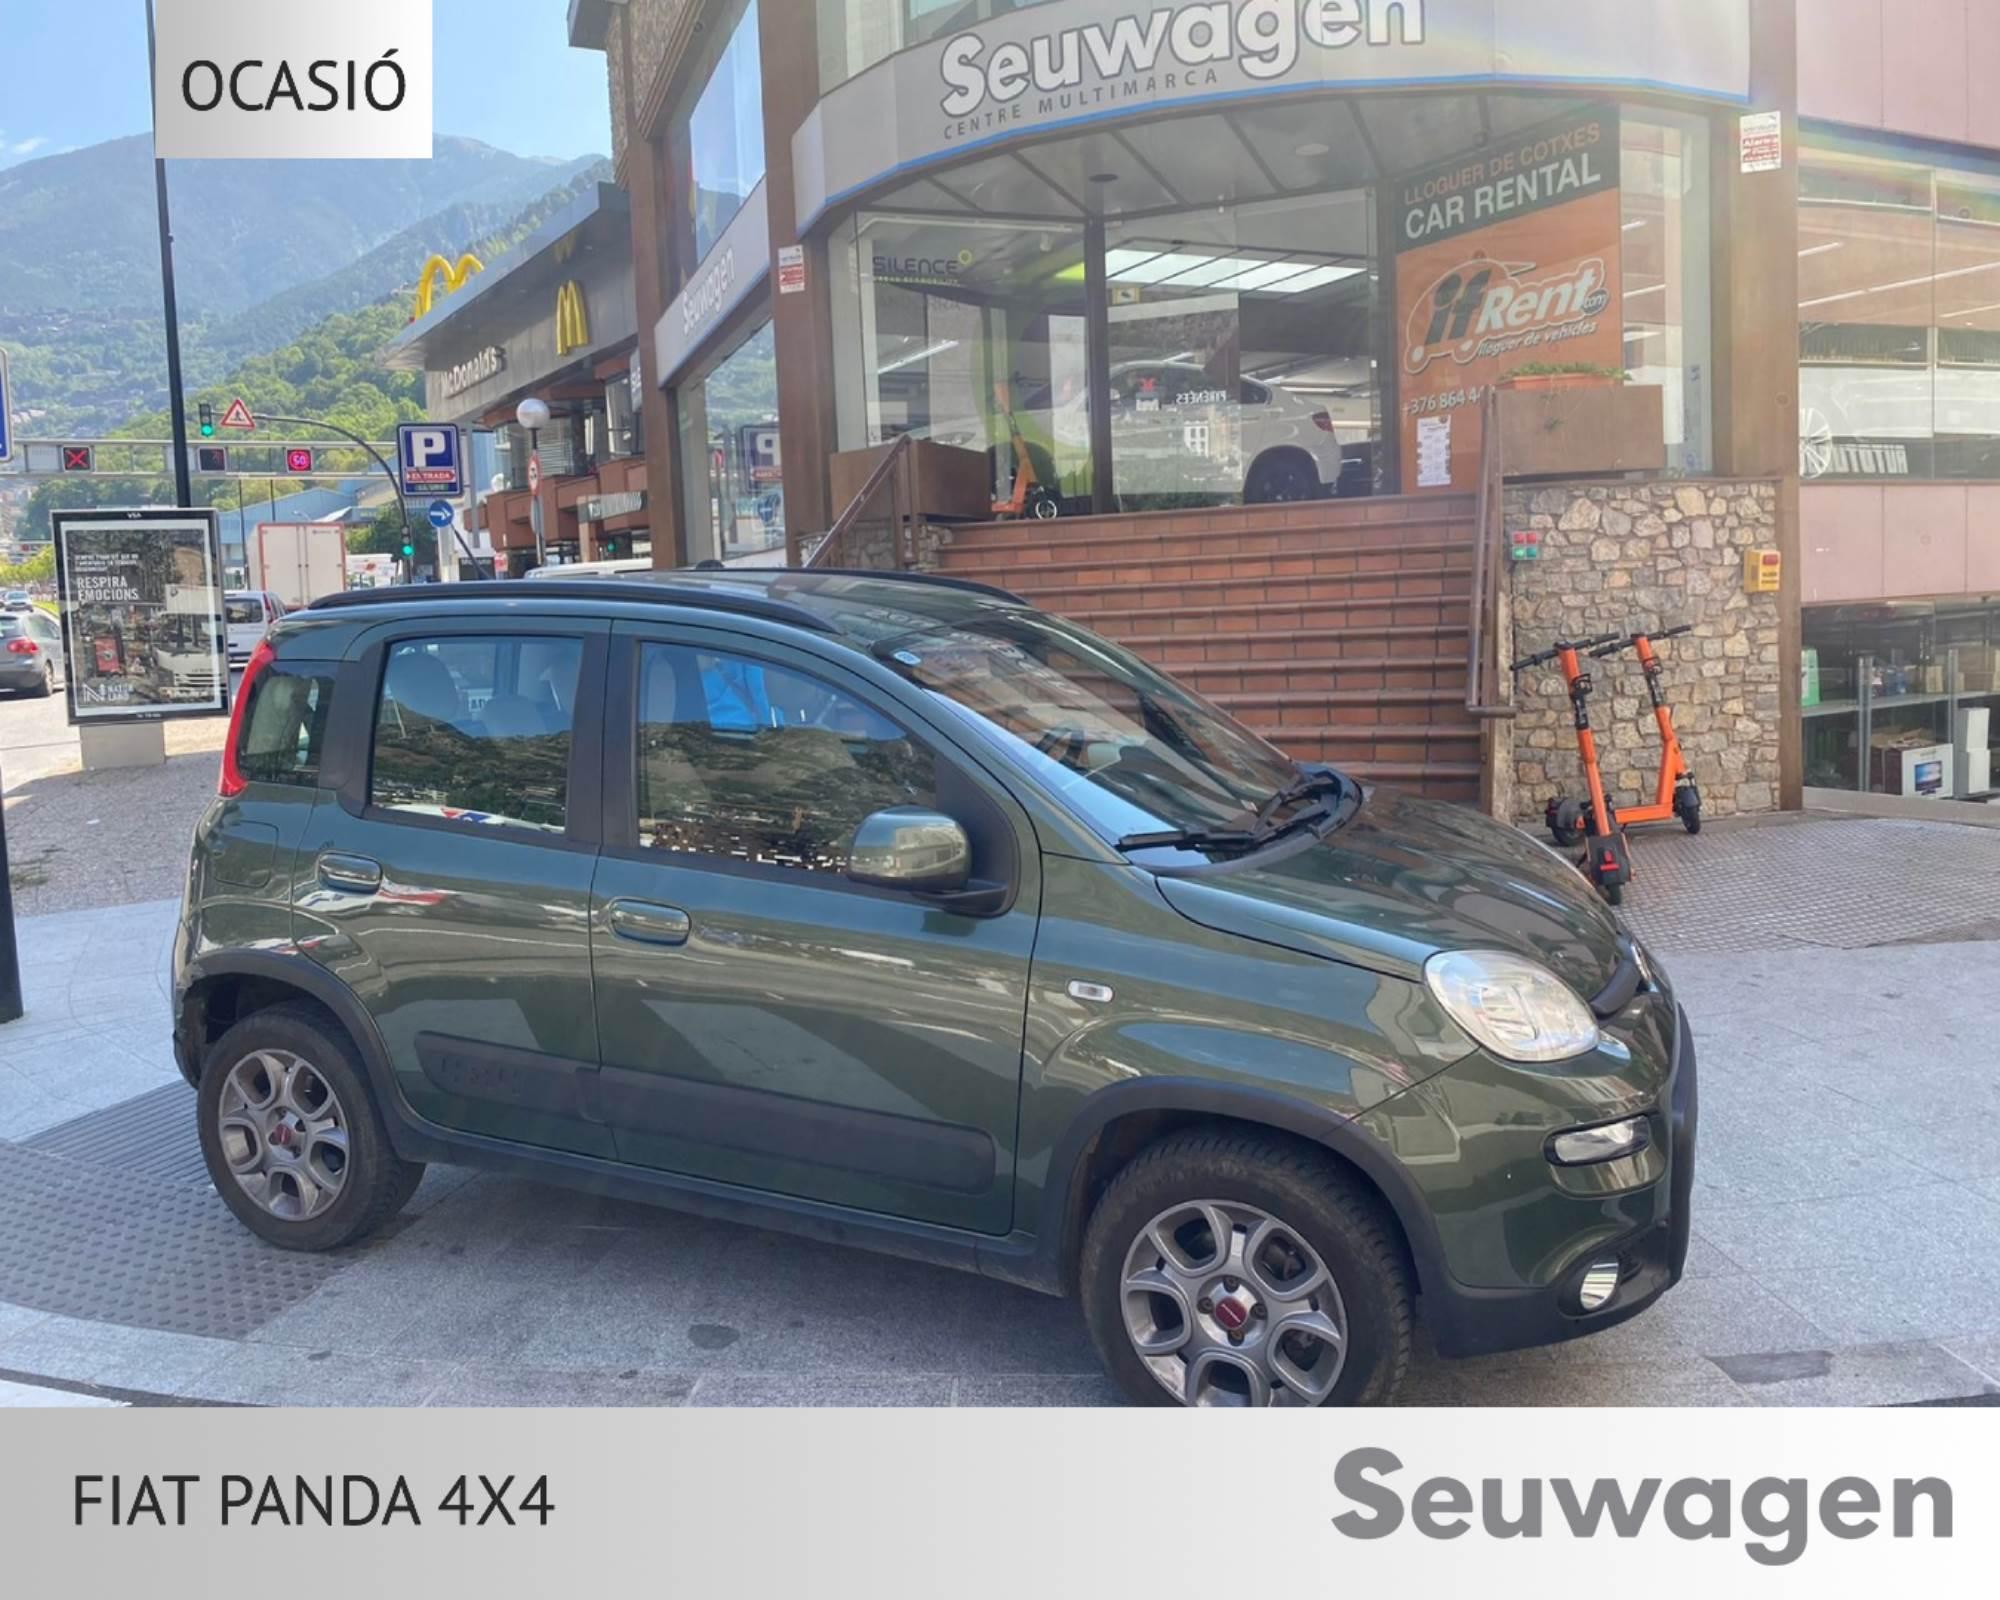 Fiat - Panda - 4x4 4x4 Dièsel  2015  152.000 Km